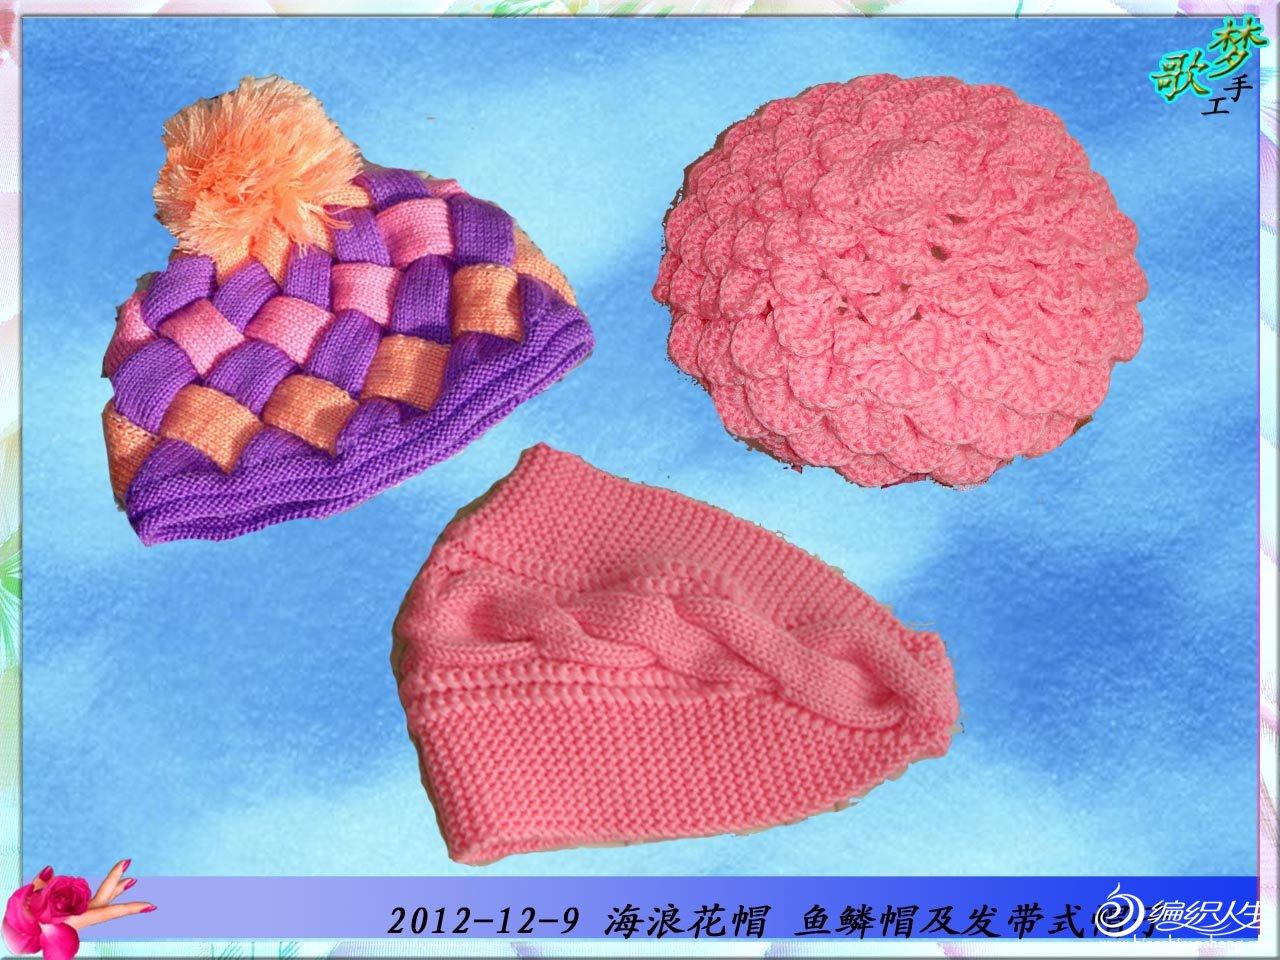 三种帽子.jpg